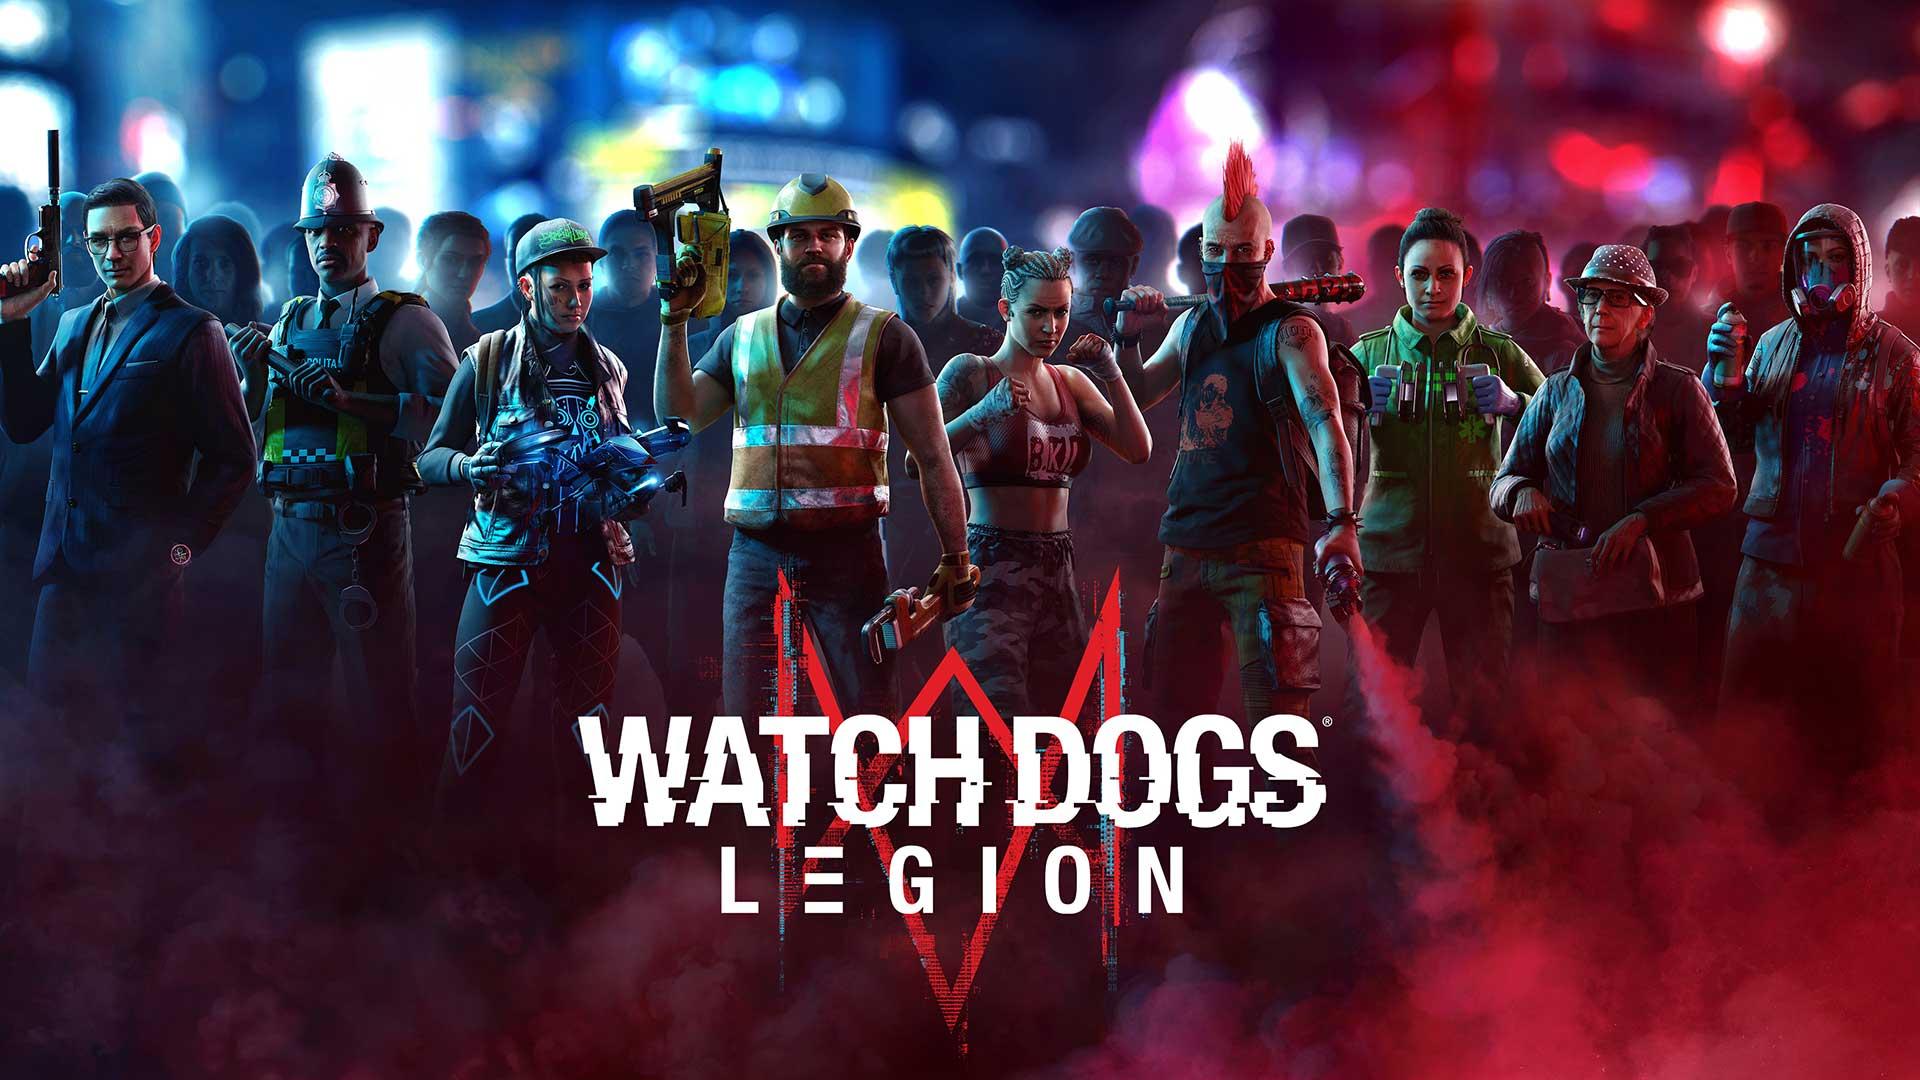 watch dogs legion release